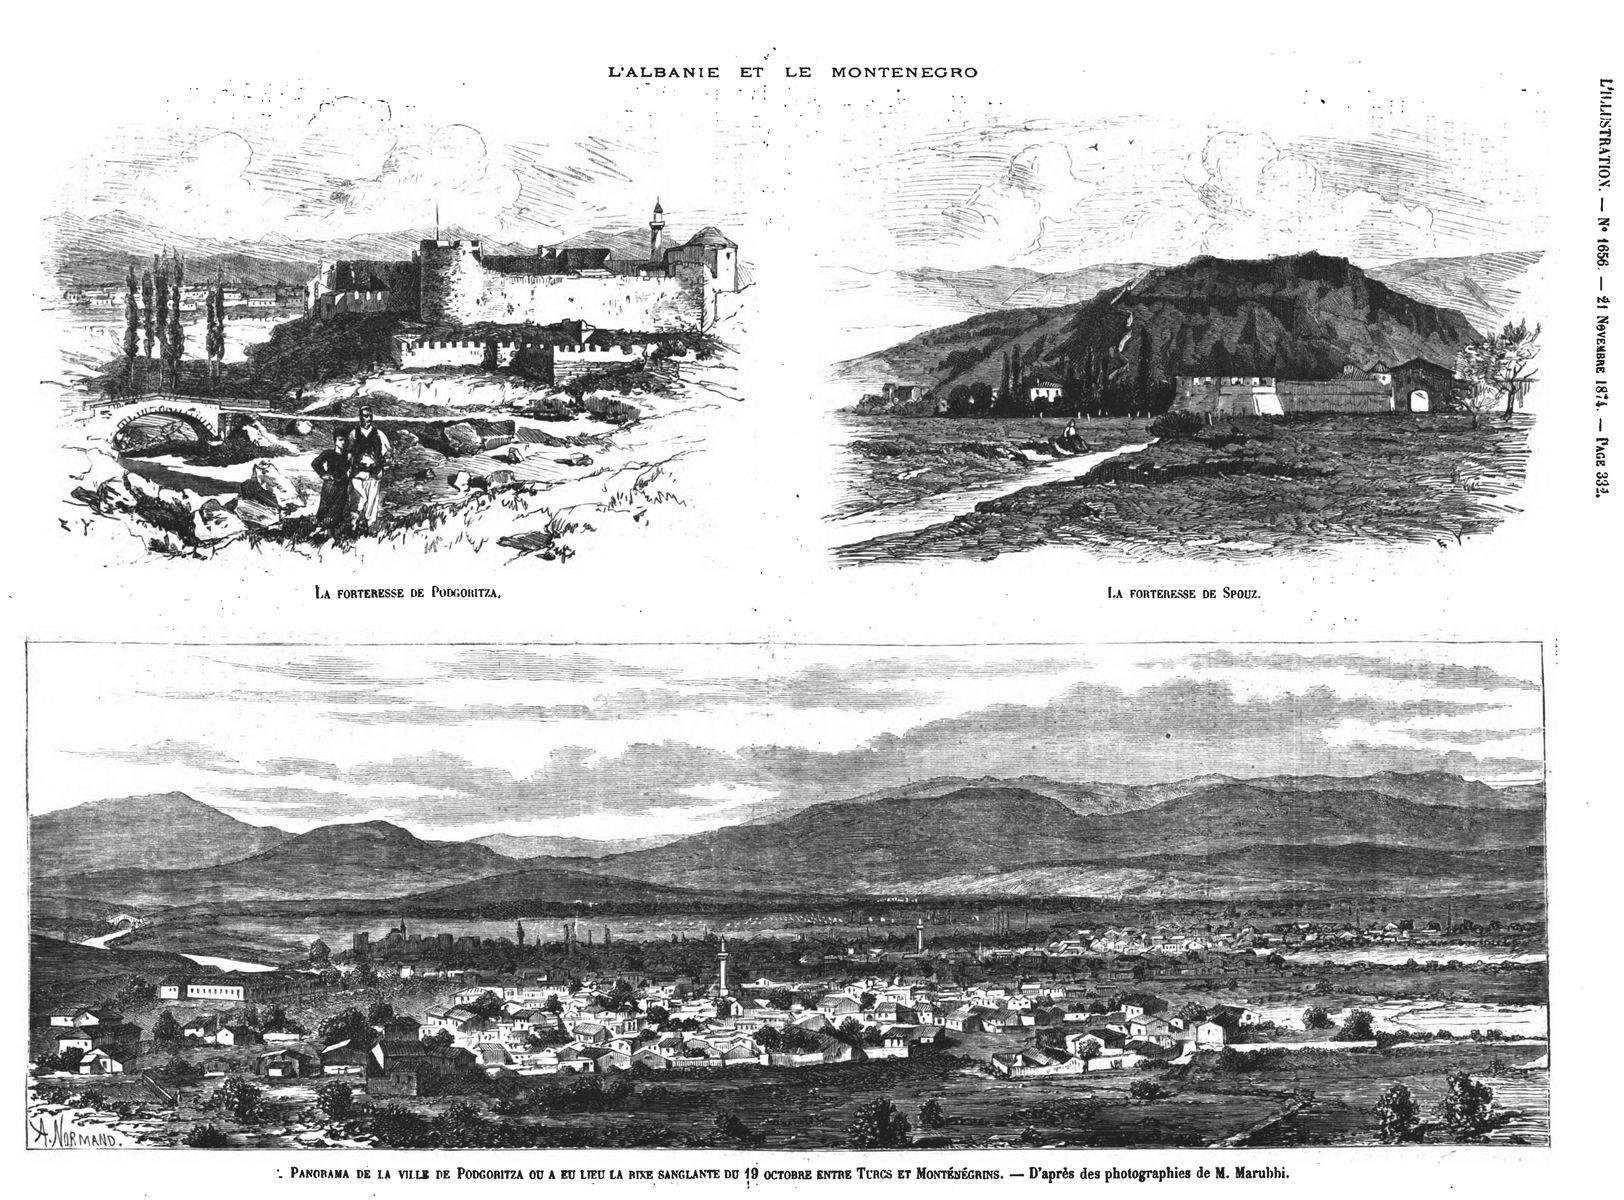 L'Albanie et le Monténégro : la forteresse de Poilgoriua; Gravure 1874 — La forteresse de Spouz ; Gravure 1874 —Panorima de la vile de Podgoritza. Gravure 1874